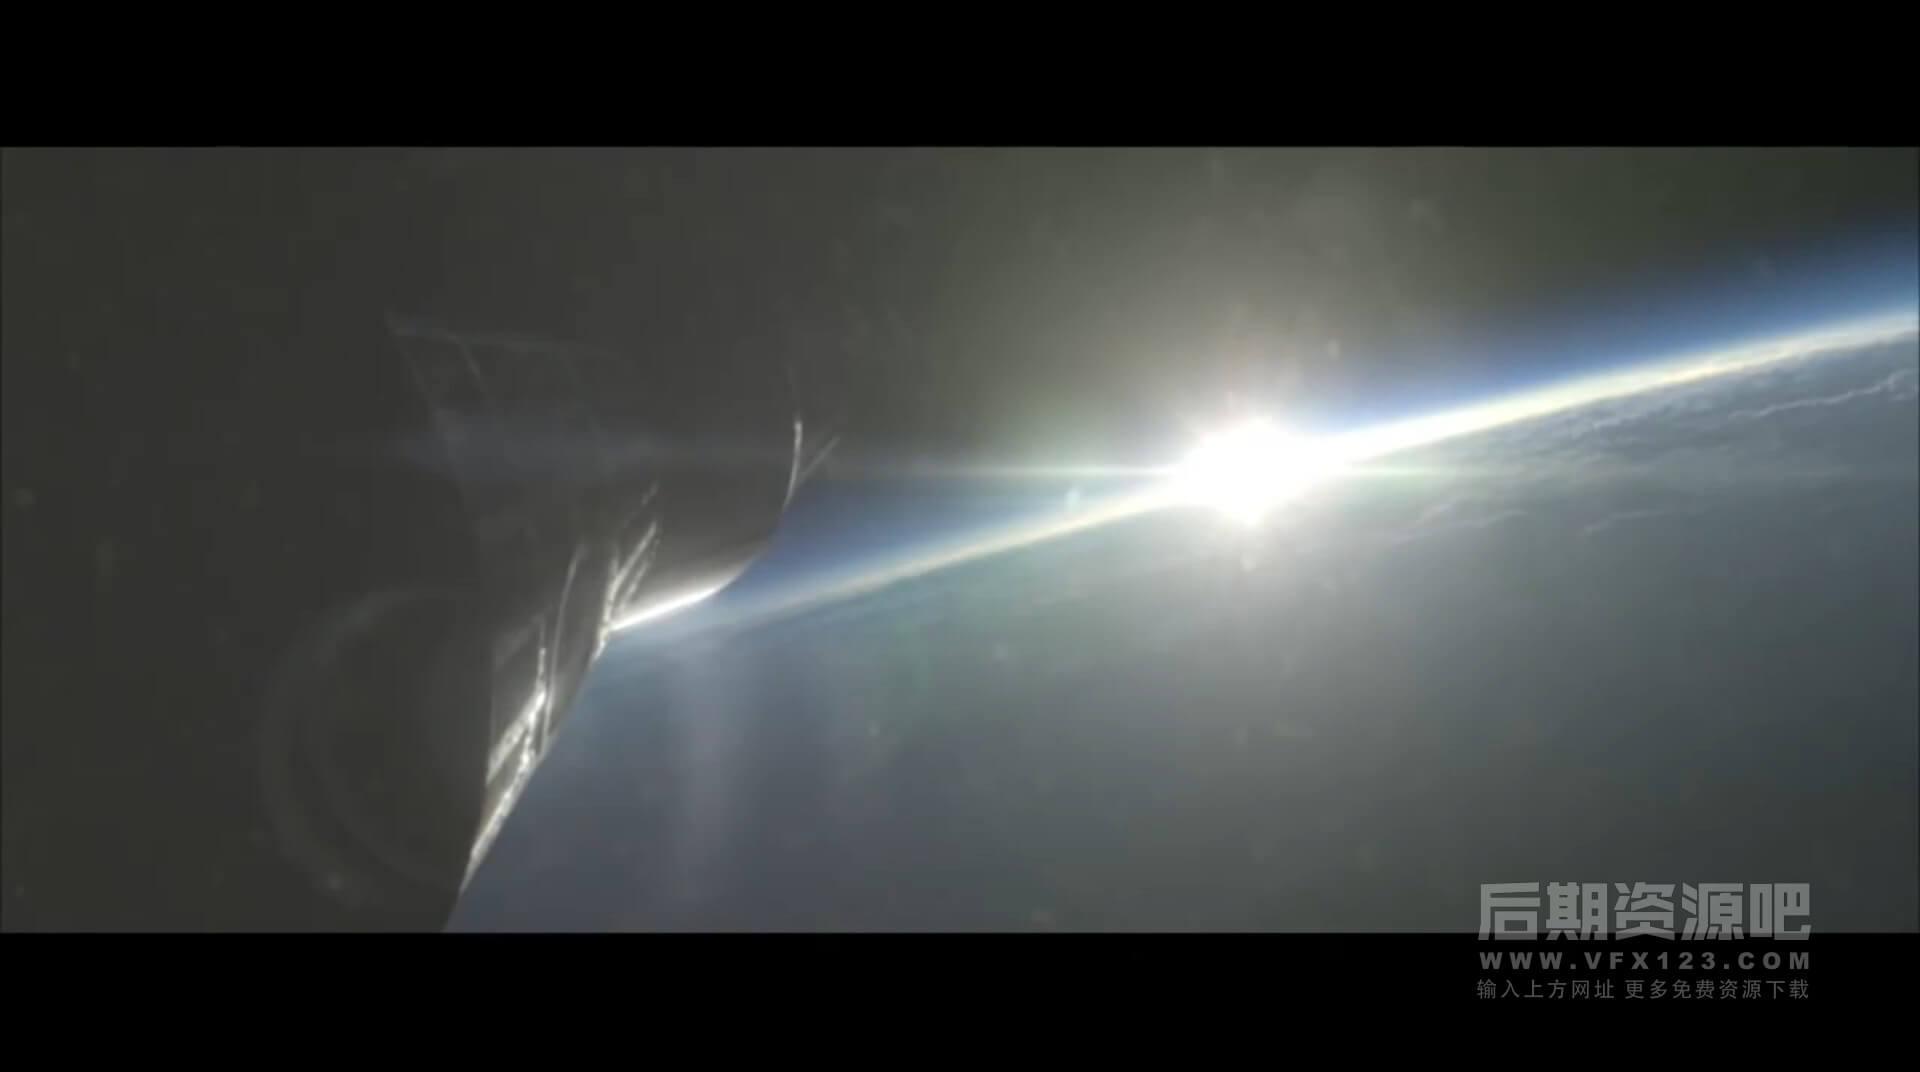 视频素材 53个真实镜头变形耀斑光效合成4K视频素材 4K Anamorphic Flares